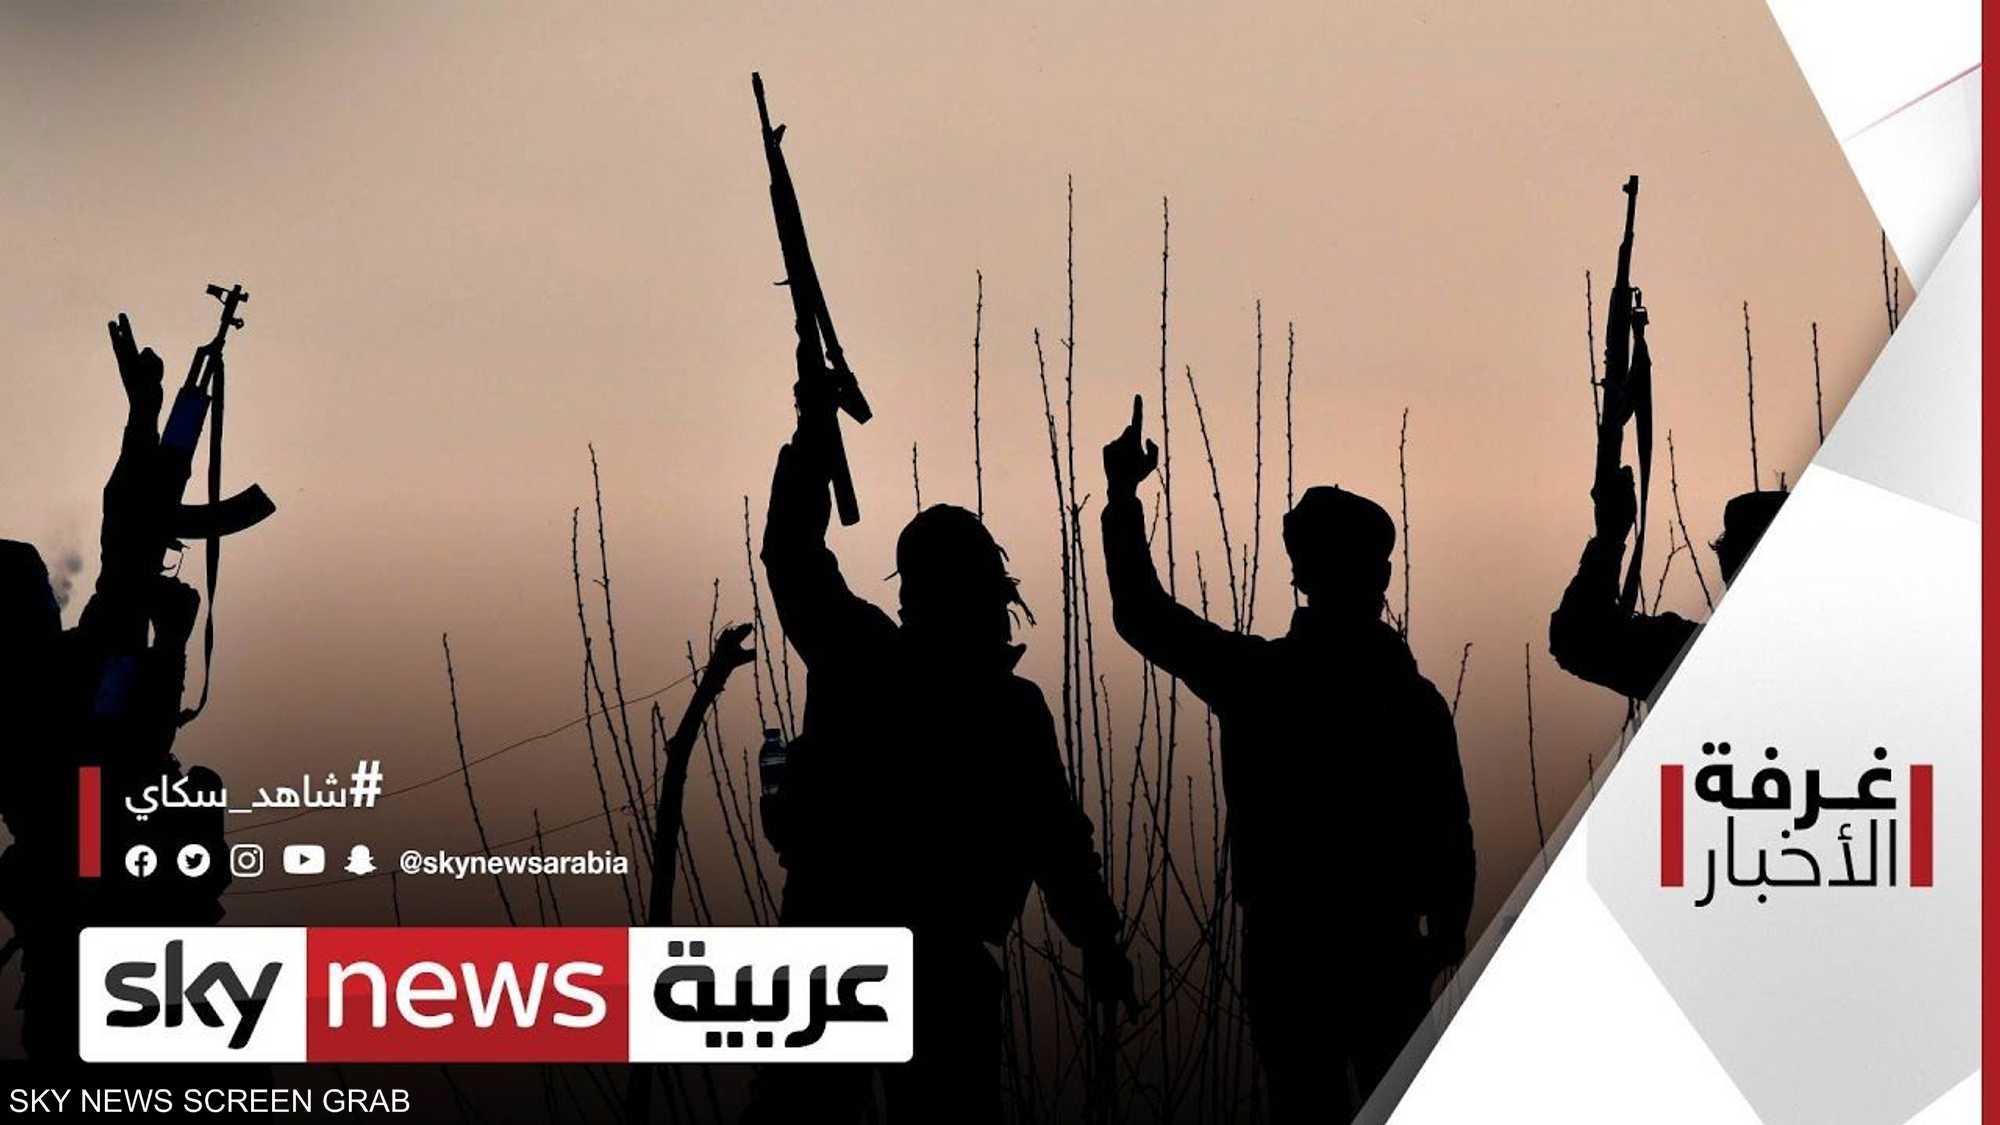 في الذكرى الأولى لمقتل البغدادي.. داعش يصعد هجماته